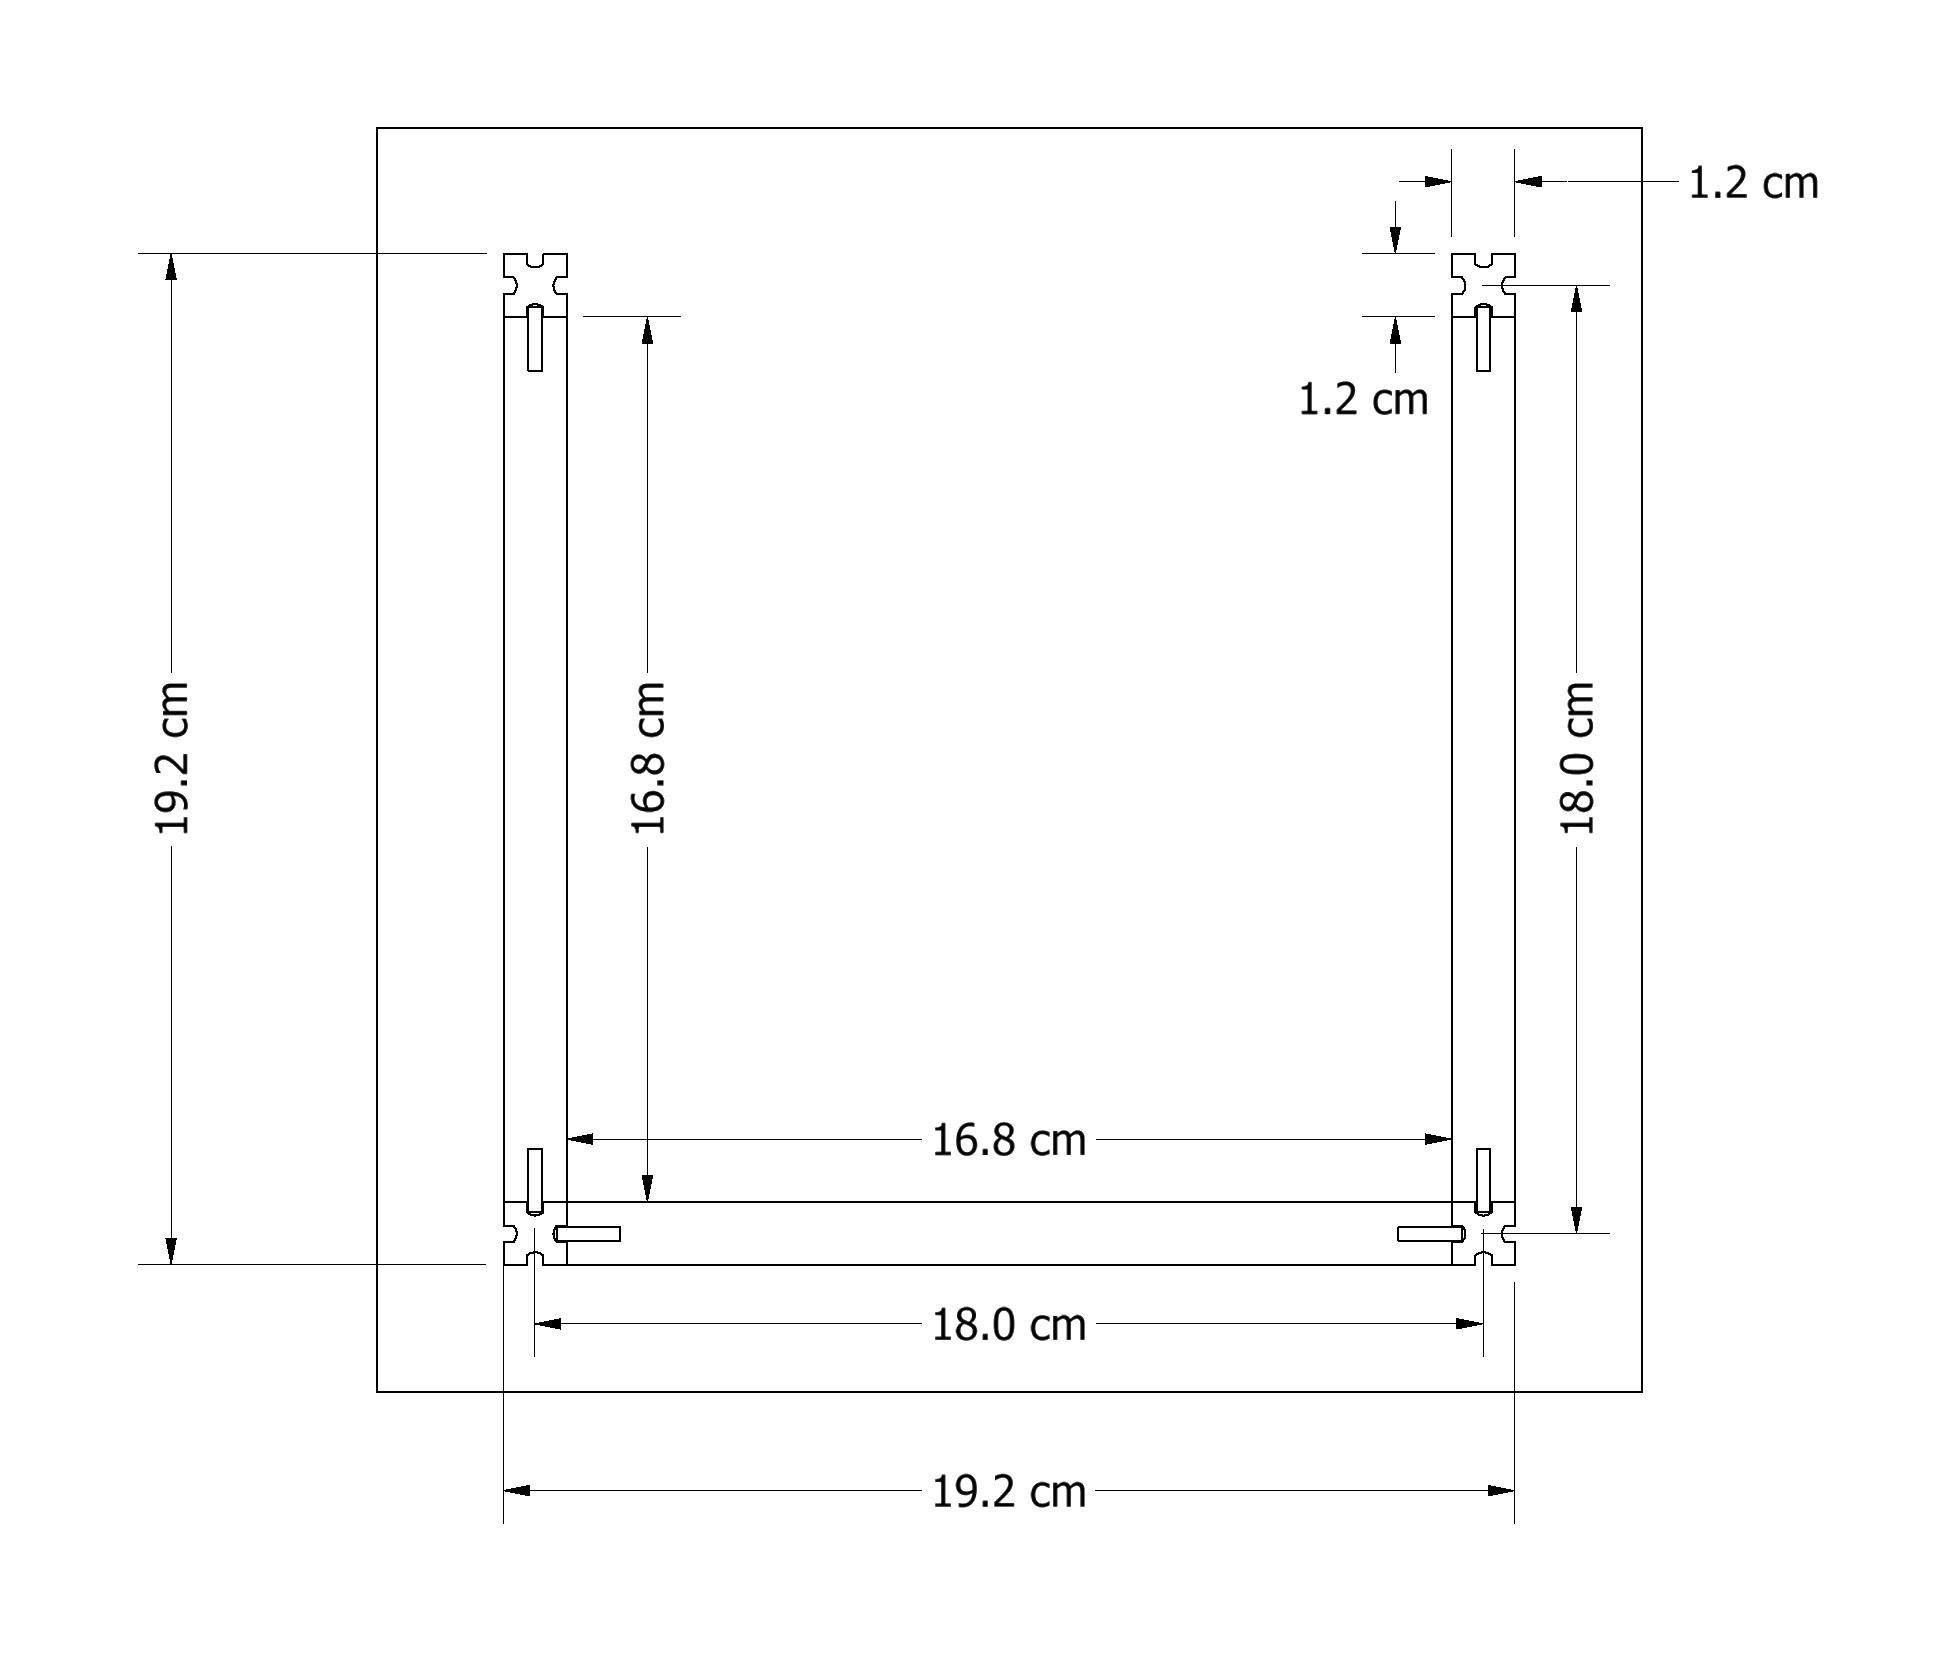 Maze dimensions schematic.